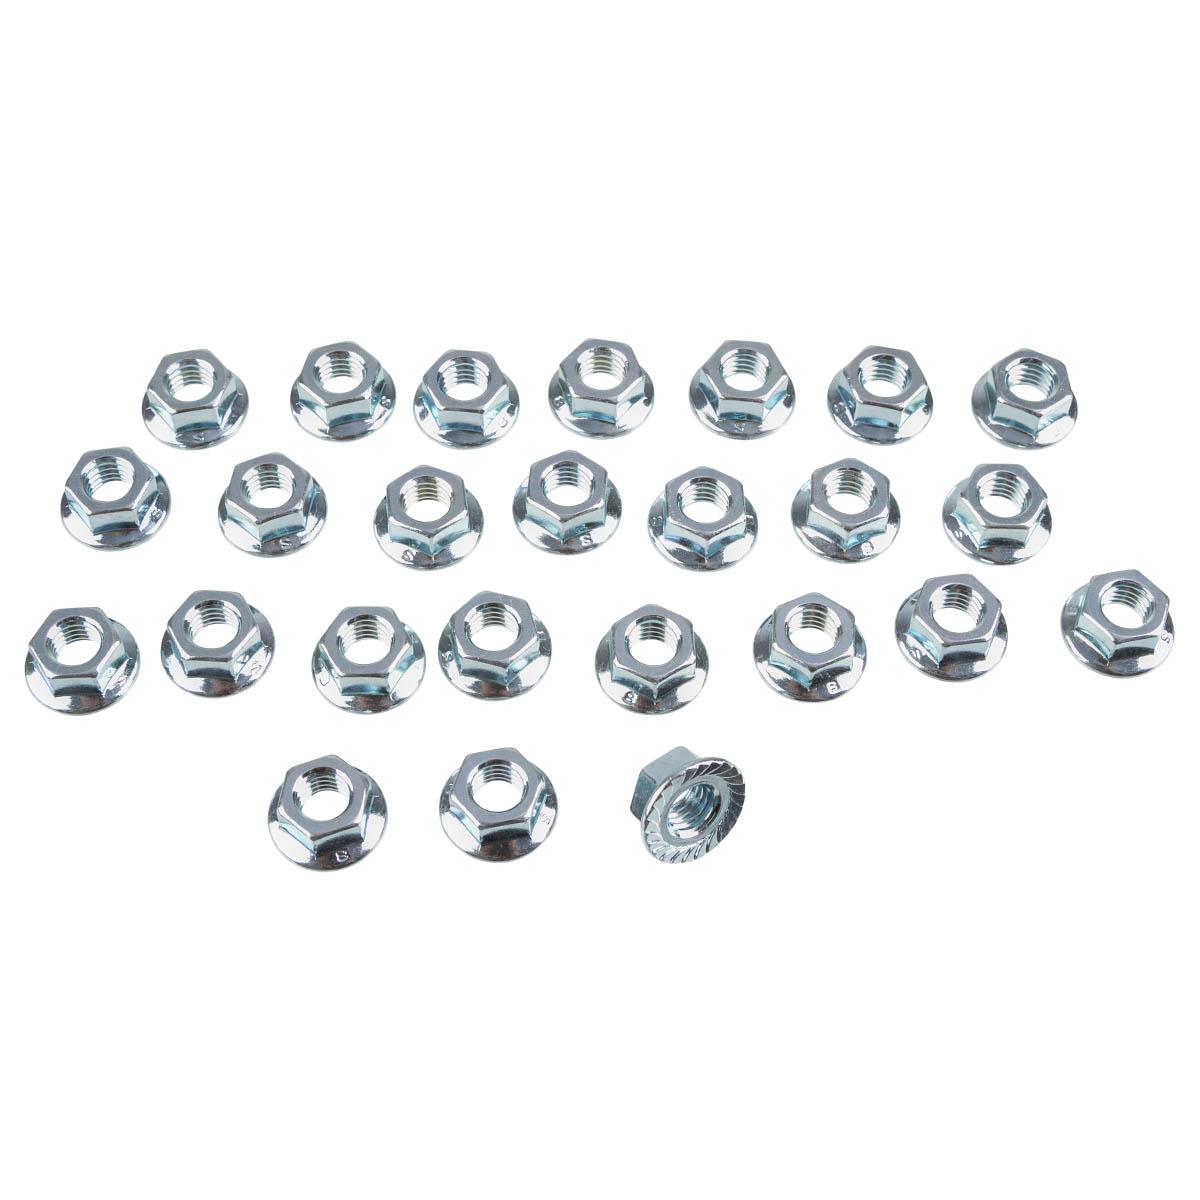 ZAP Aluminium Nut M8, 25 Pieces